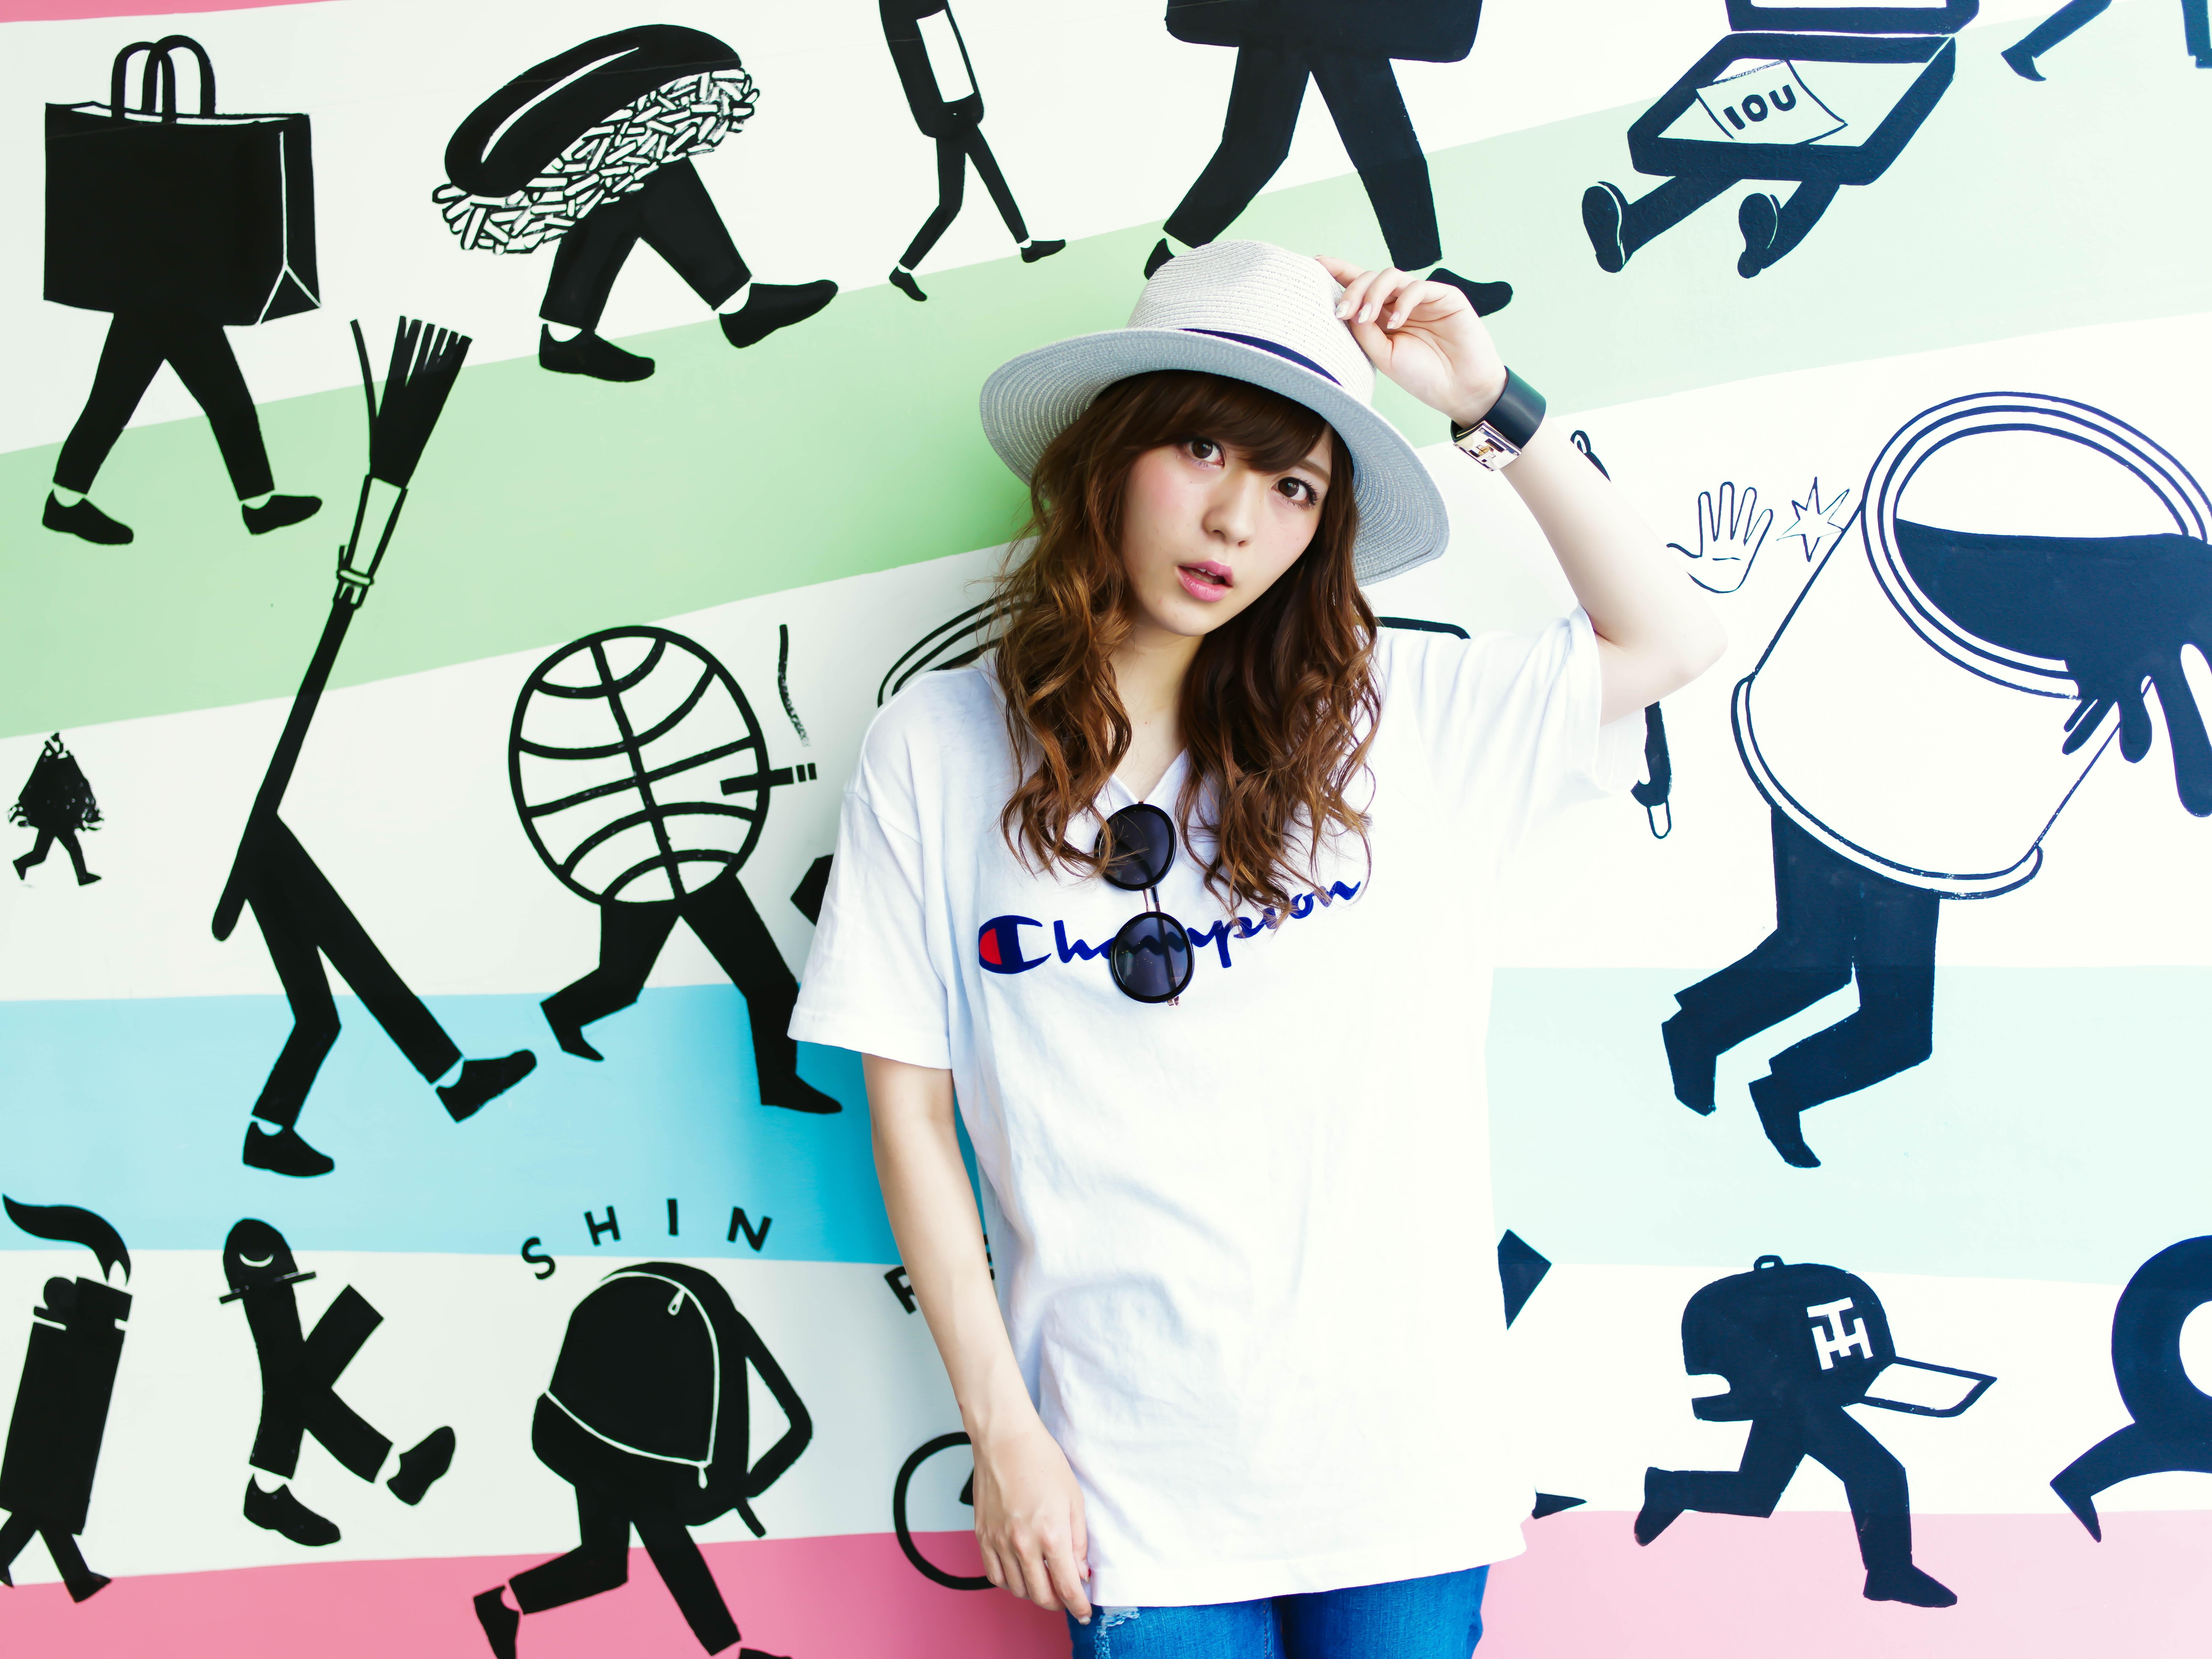 プチプラで可愛い!WEGOのTシャツで春先取り、Tシャツコーデ集のサムネイル画像